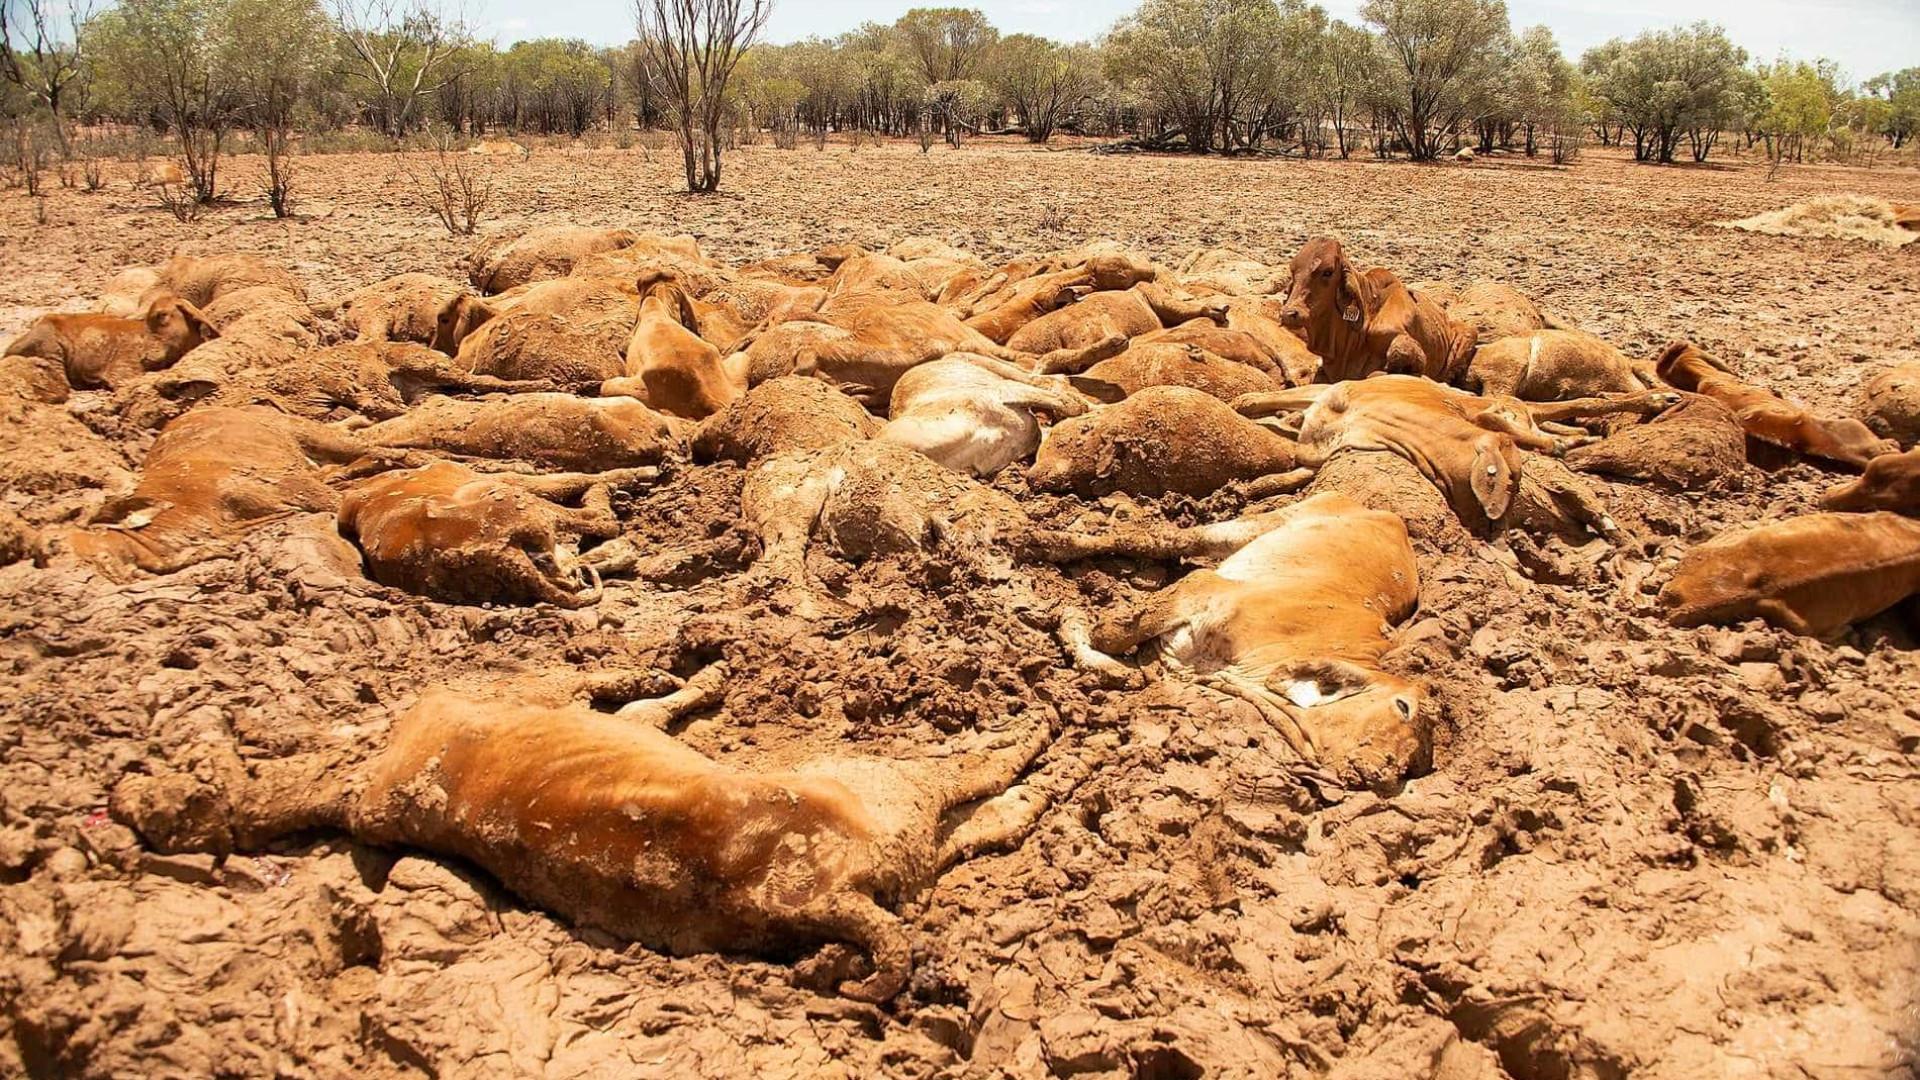 Enchente bizarra na Austrália mata meio milhão de cabeças de gado